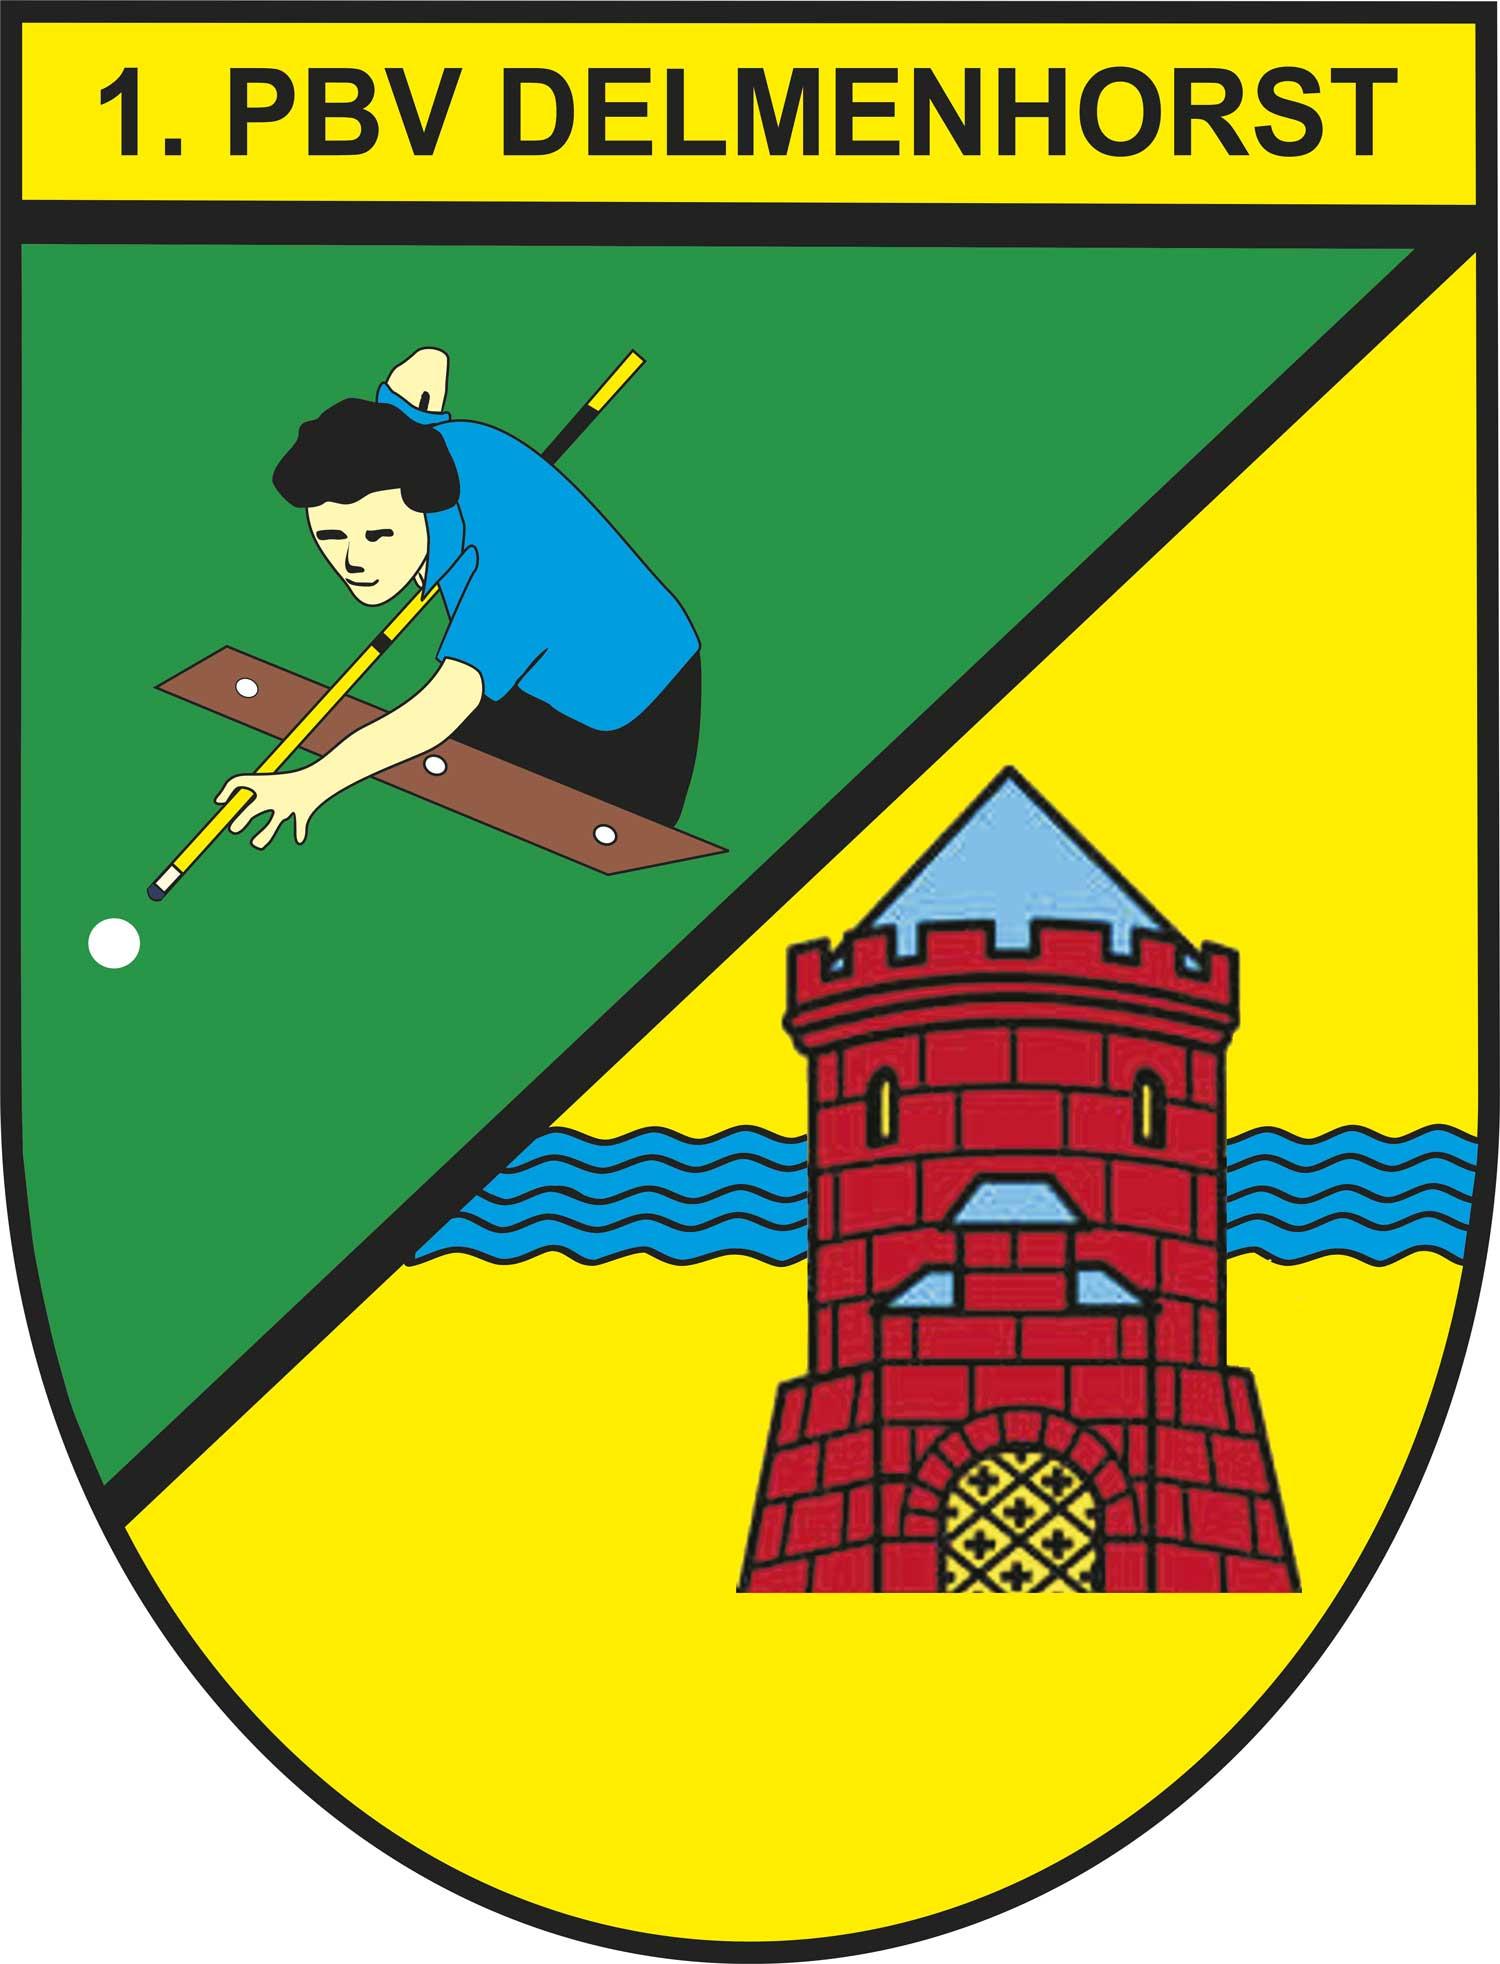 Das-Logo-des-Pool-Billard-Vereins-1-PBV-Delmenhorst-mit-Pool-Manschaften-in-Ligen-von-Bezirksliga-Verbandsliga-Regionalliga-irgendwann-auch-der-Bundesliga.jpg